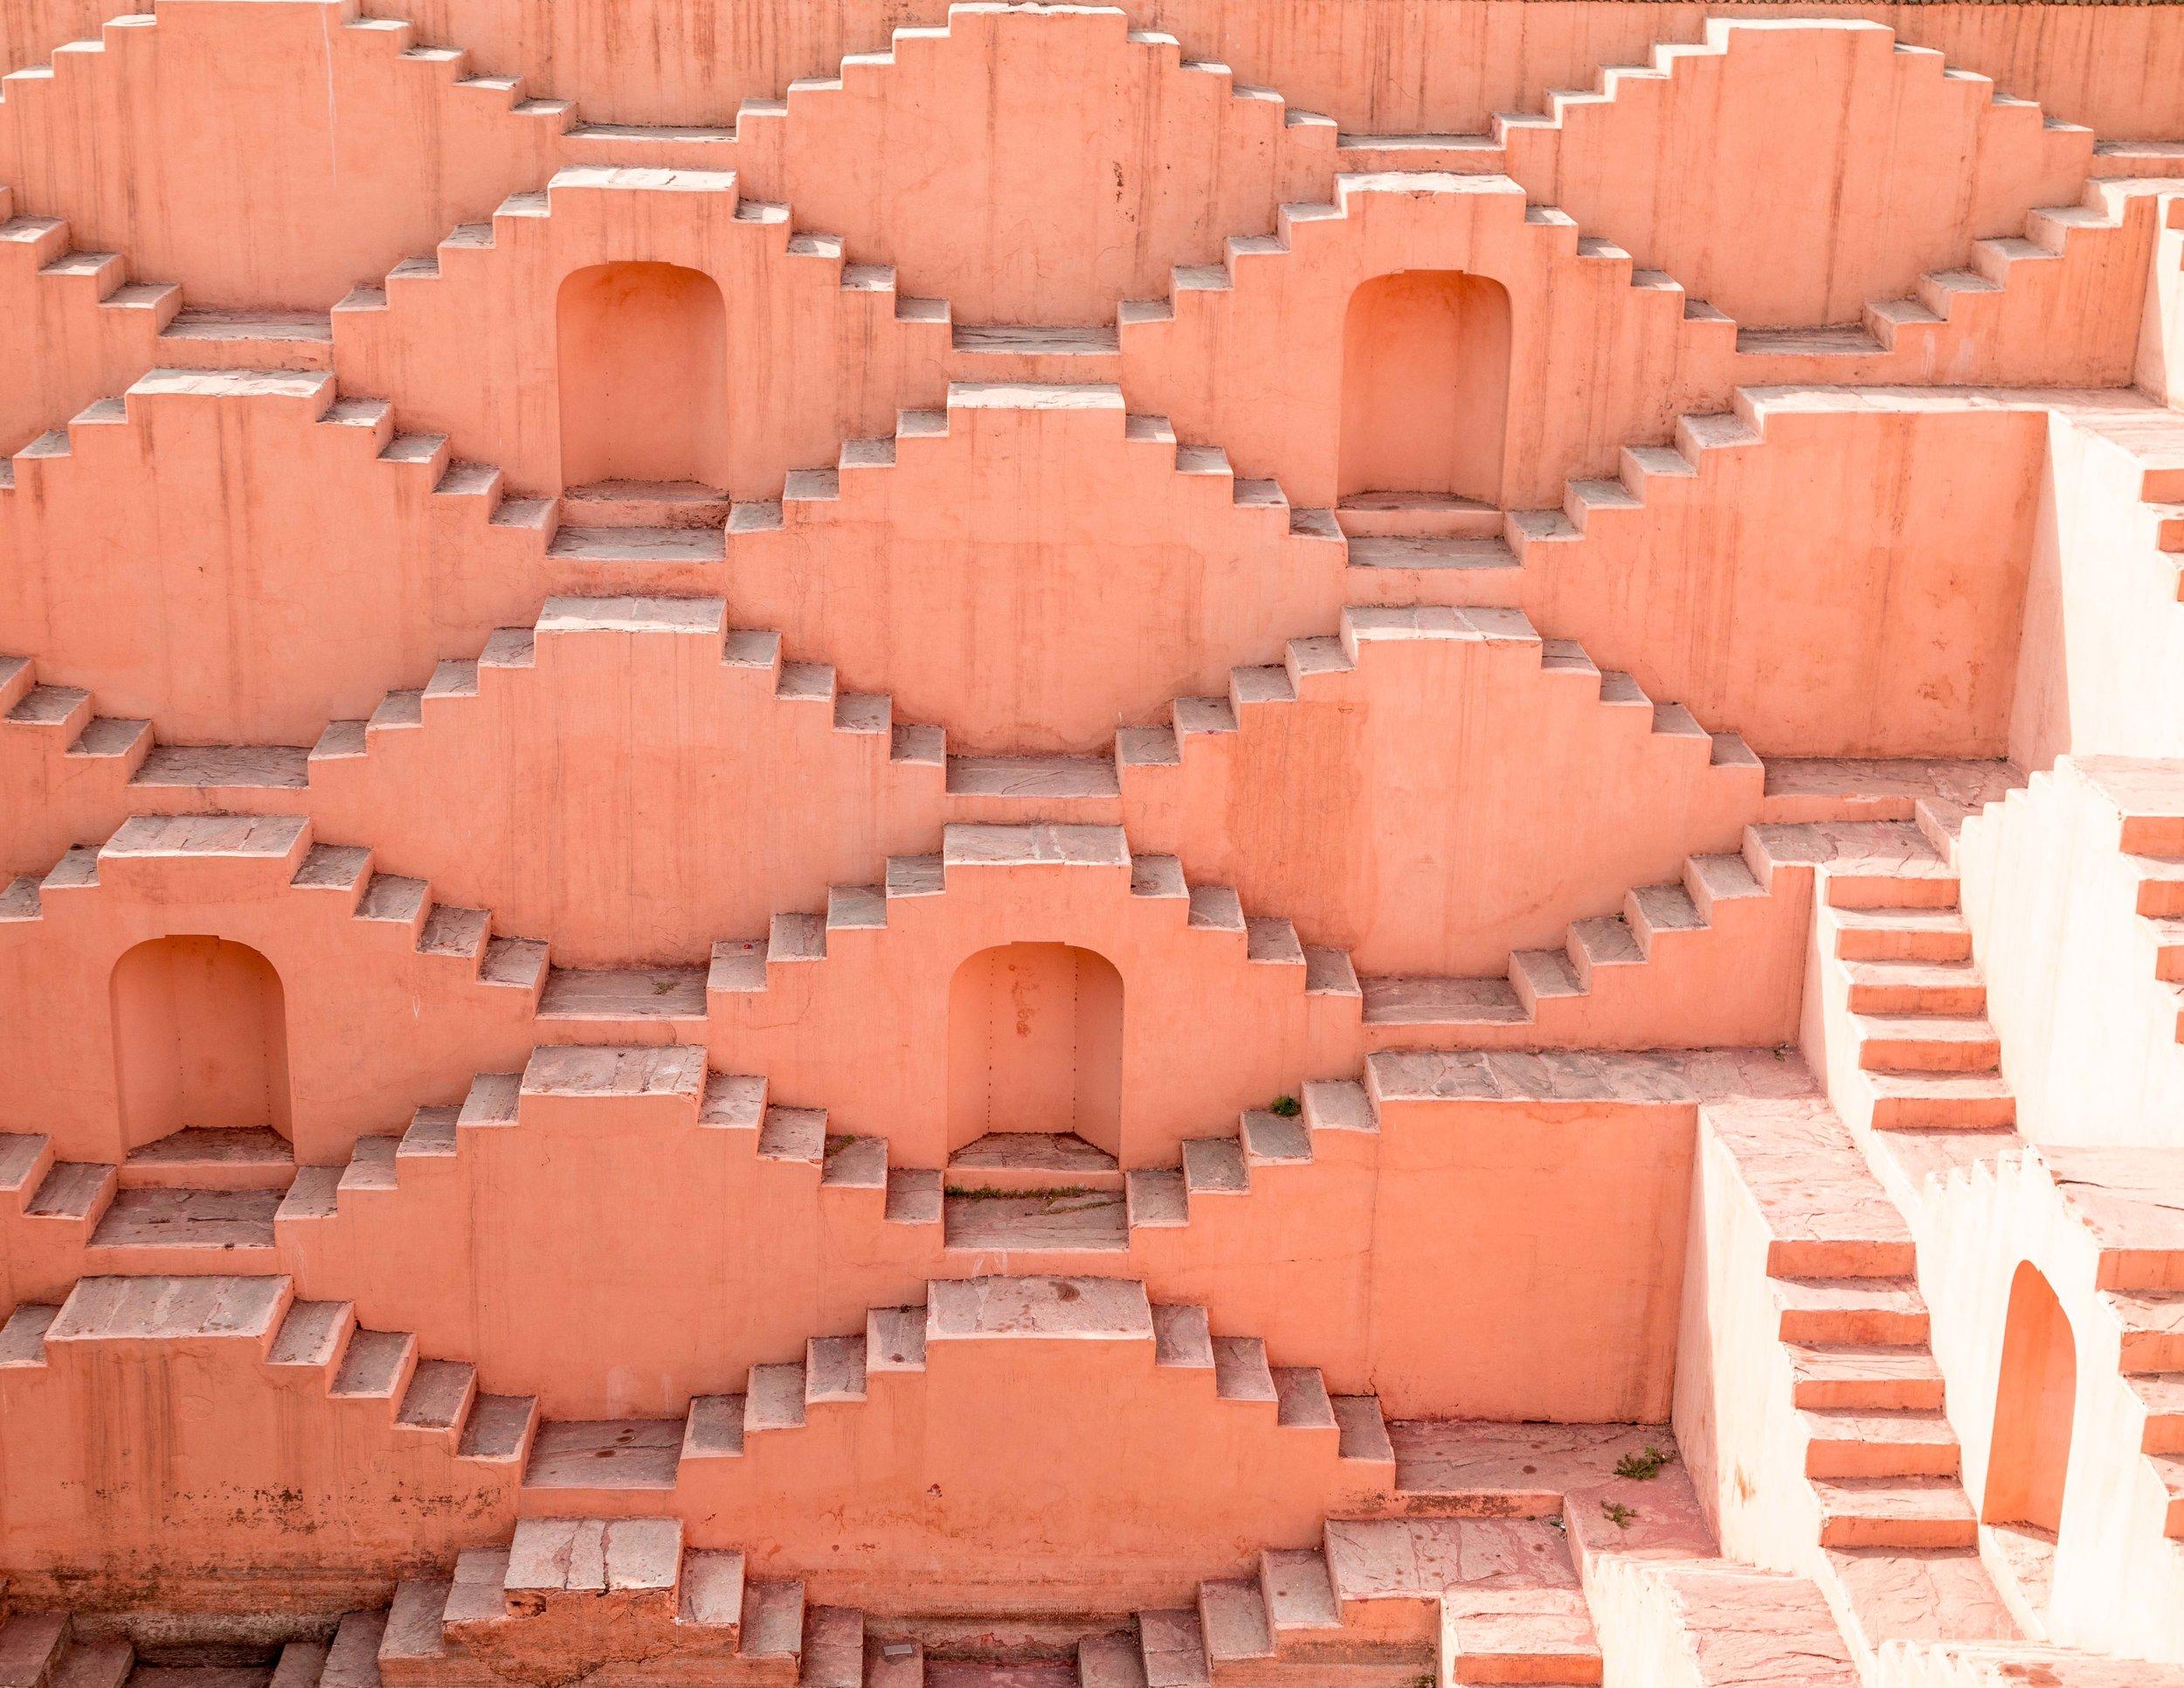 Places to visit in Jaipur - Manna Ka Kund